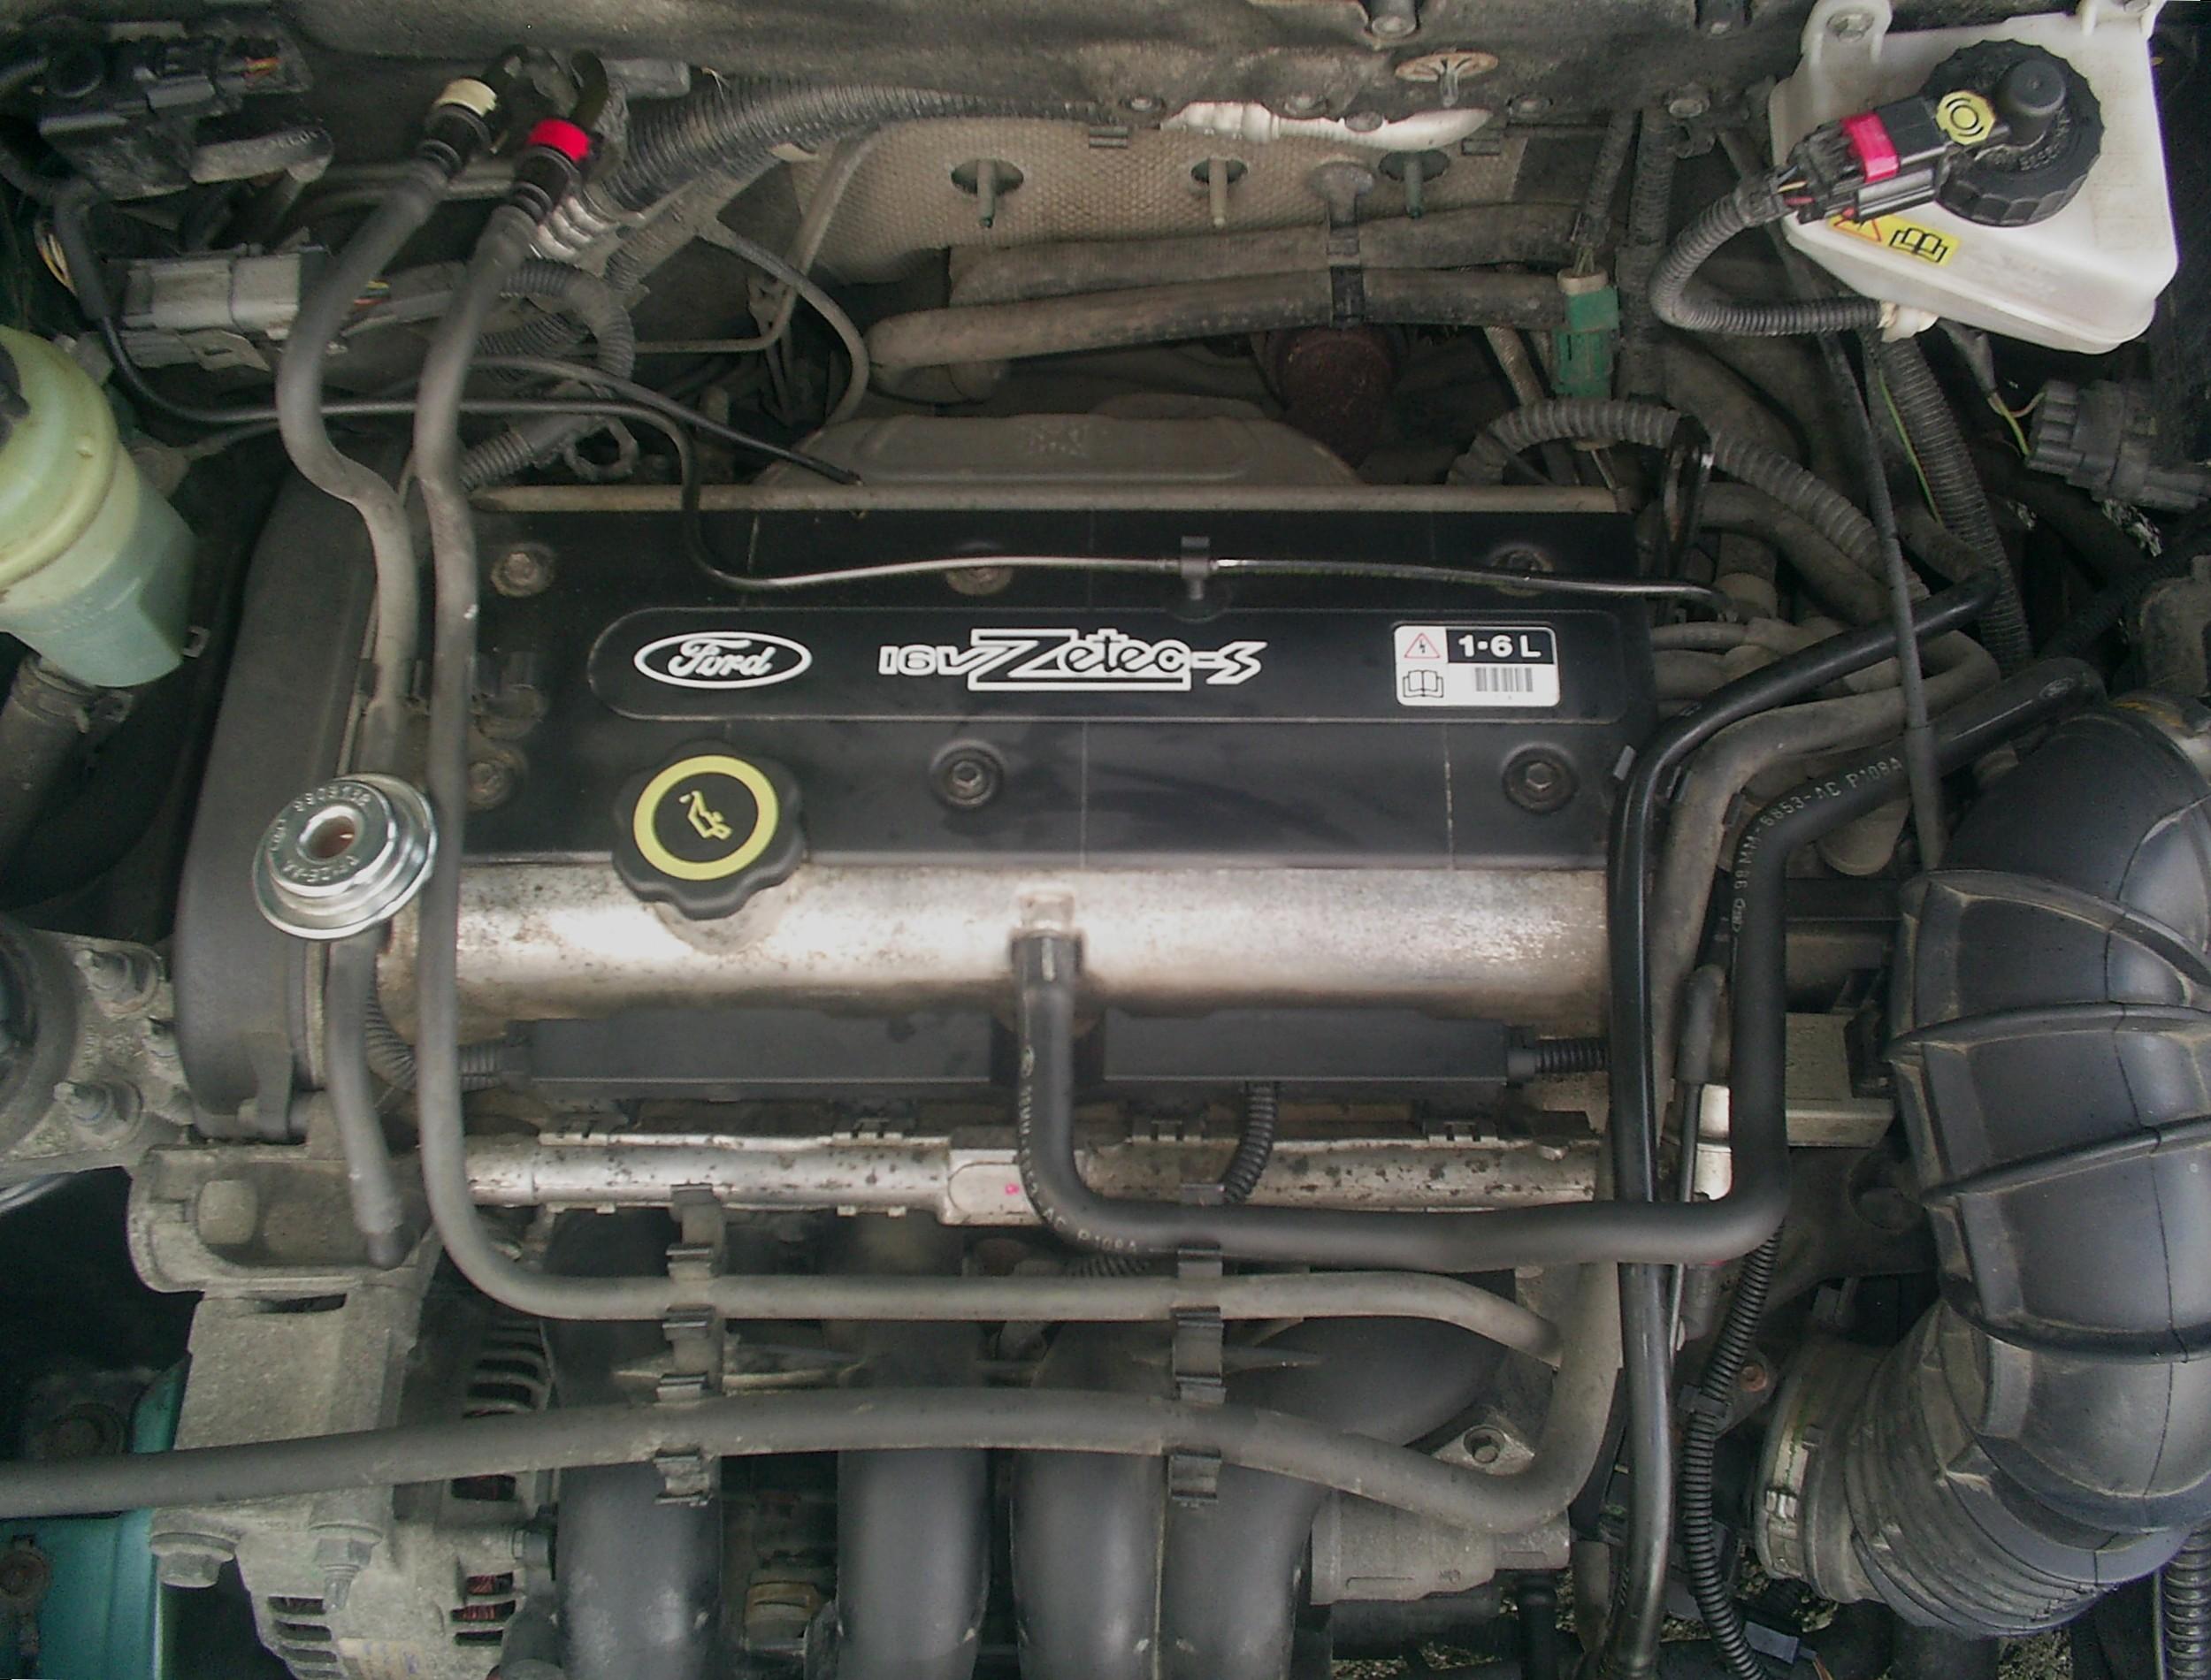 Ford Focus Zetec Engine Diagram File 1999 ford Zetec R Engine Wikimedia Mons Of Ford Focus Zetec Engine Diagram